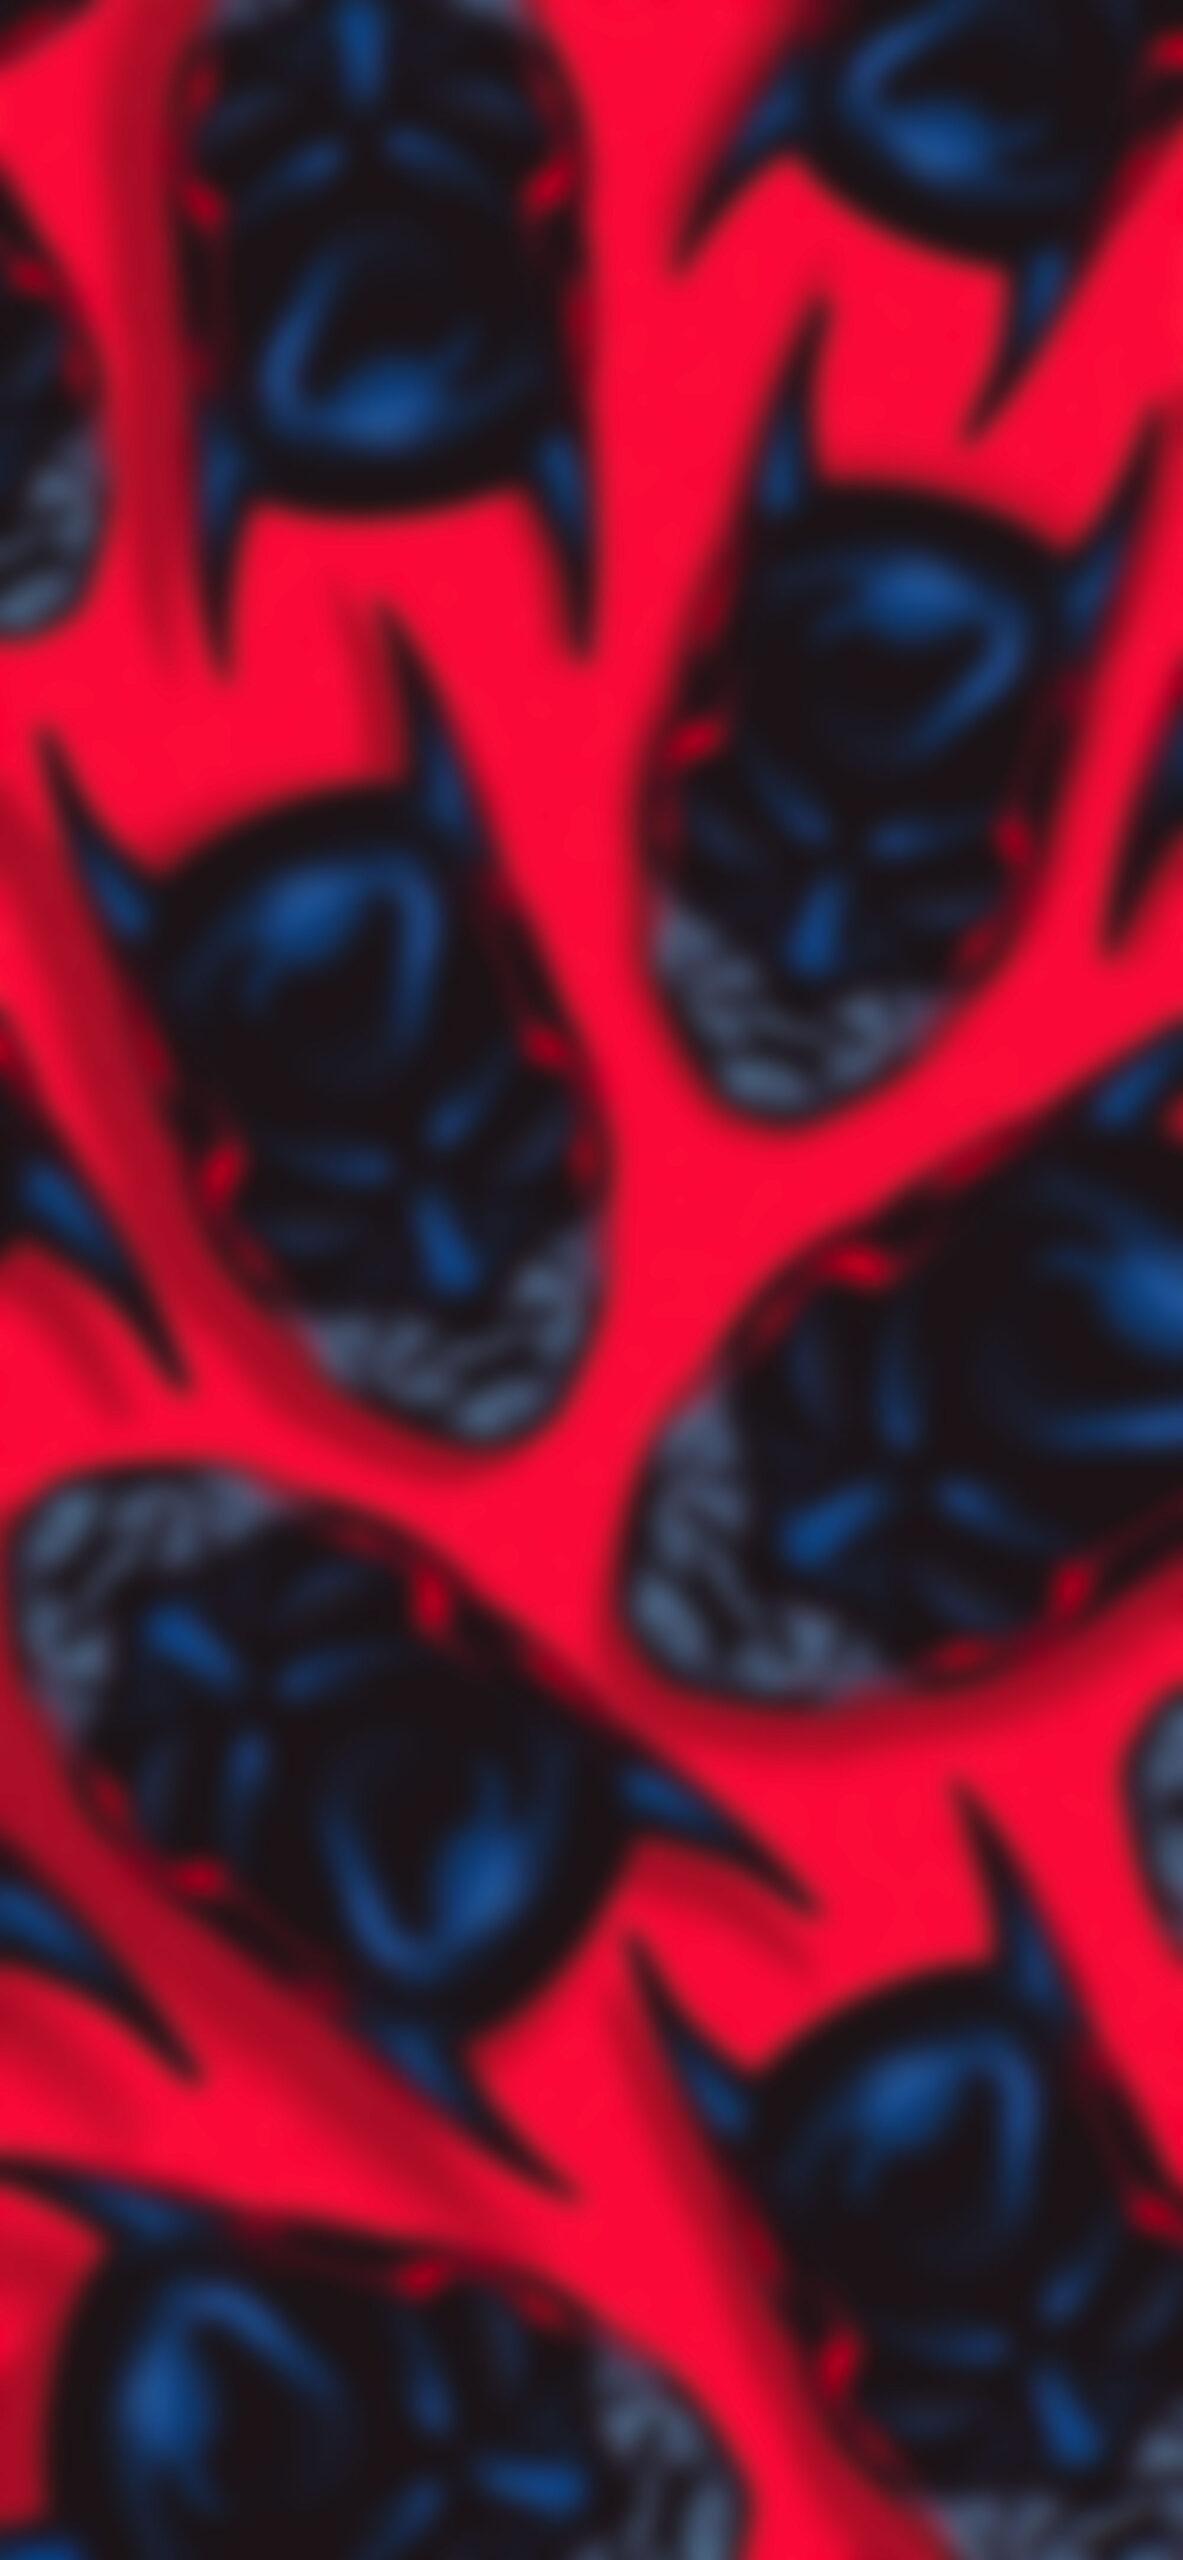 batman pattern red blur wallpaper